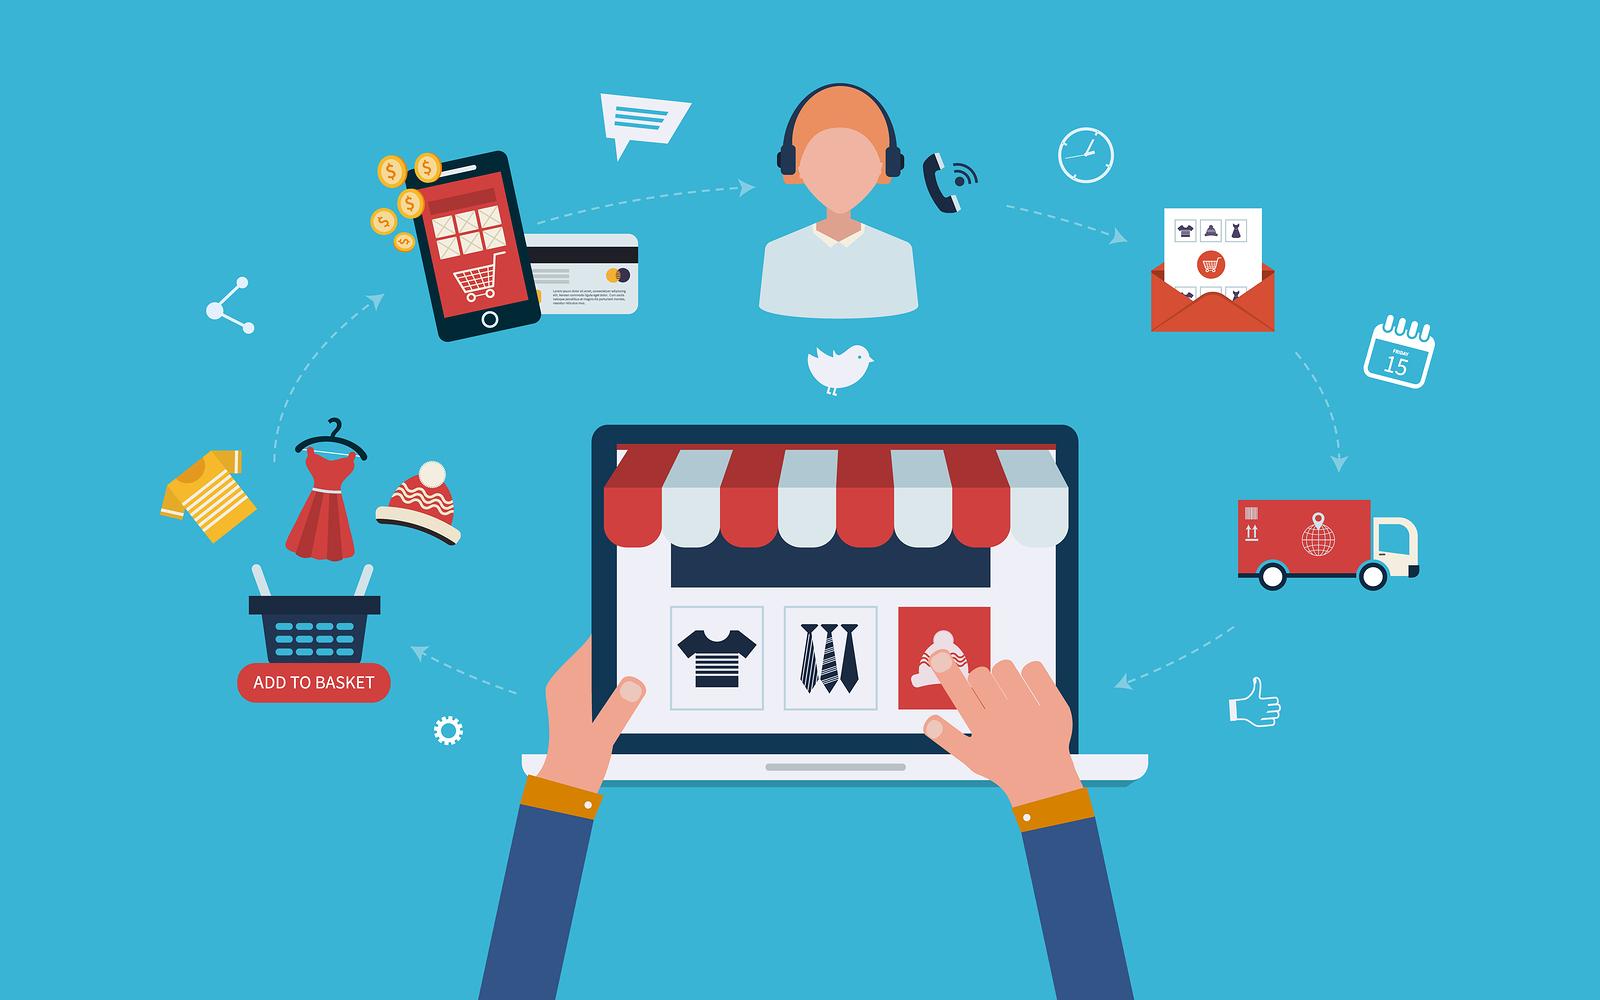 Pymes, Economía, mercado, 2020, nenis, banco, e-commerce, comercio electrónico